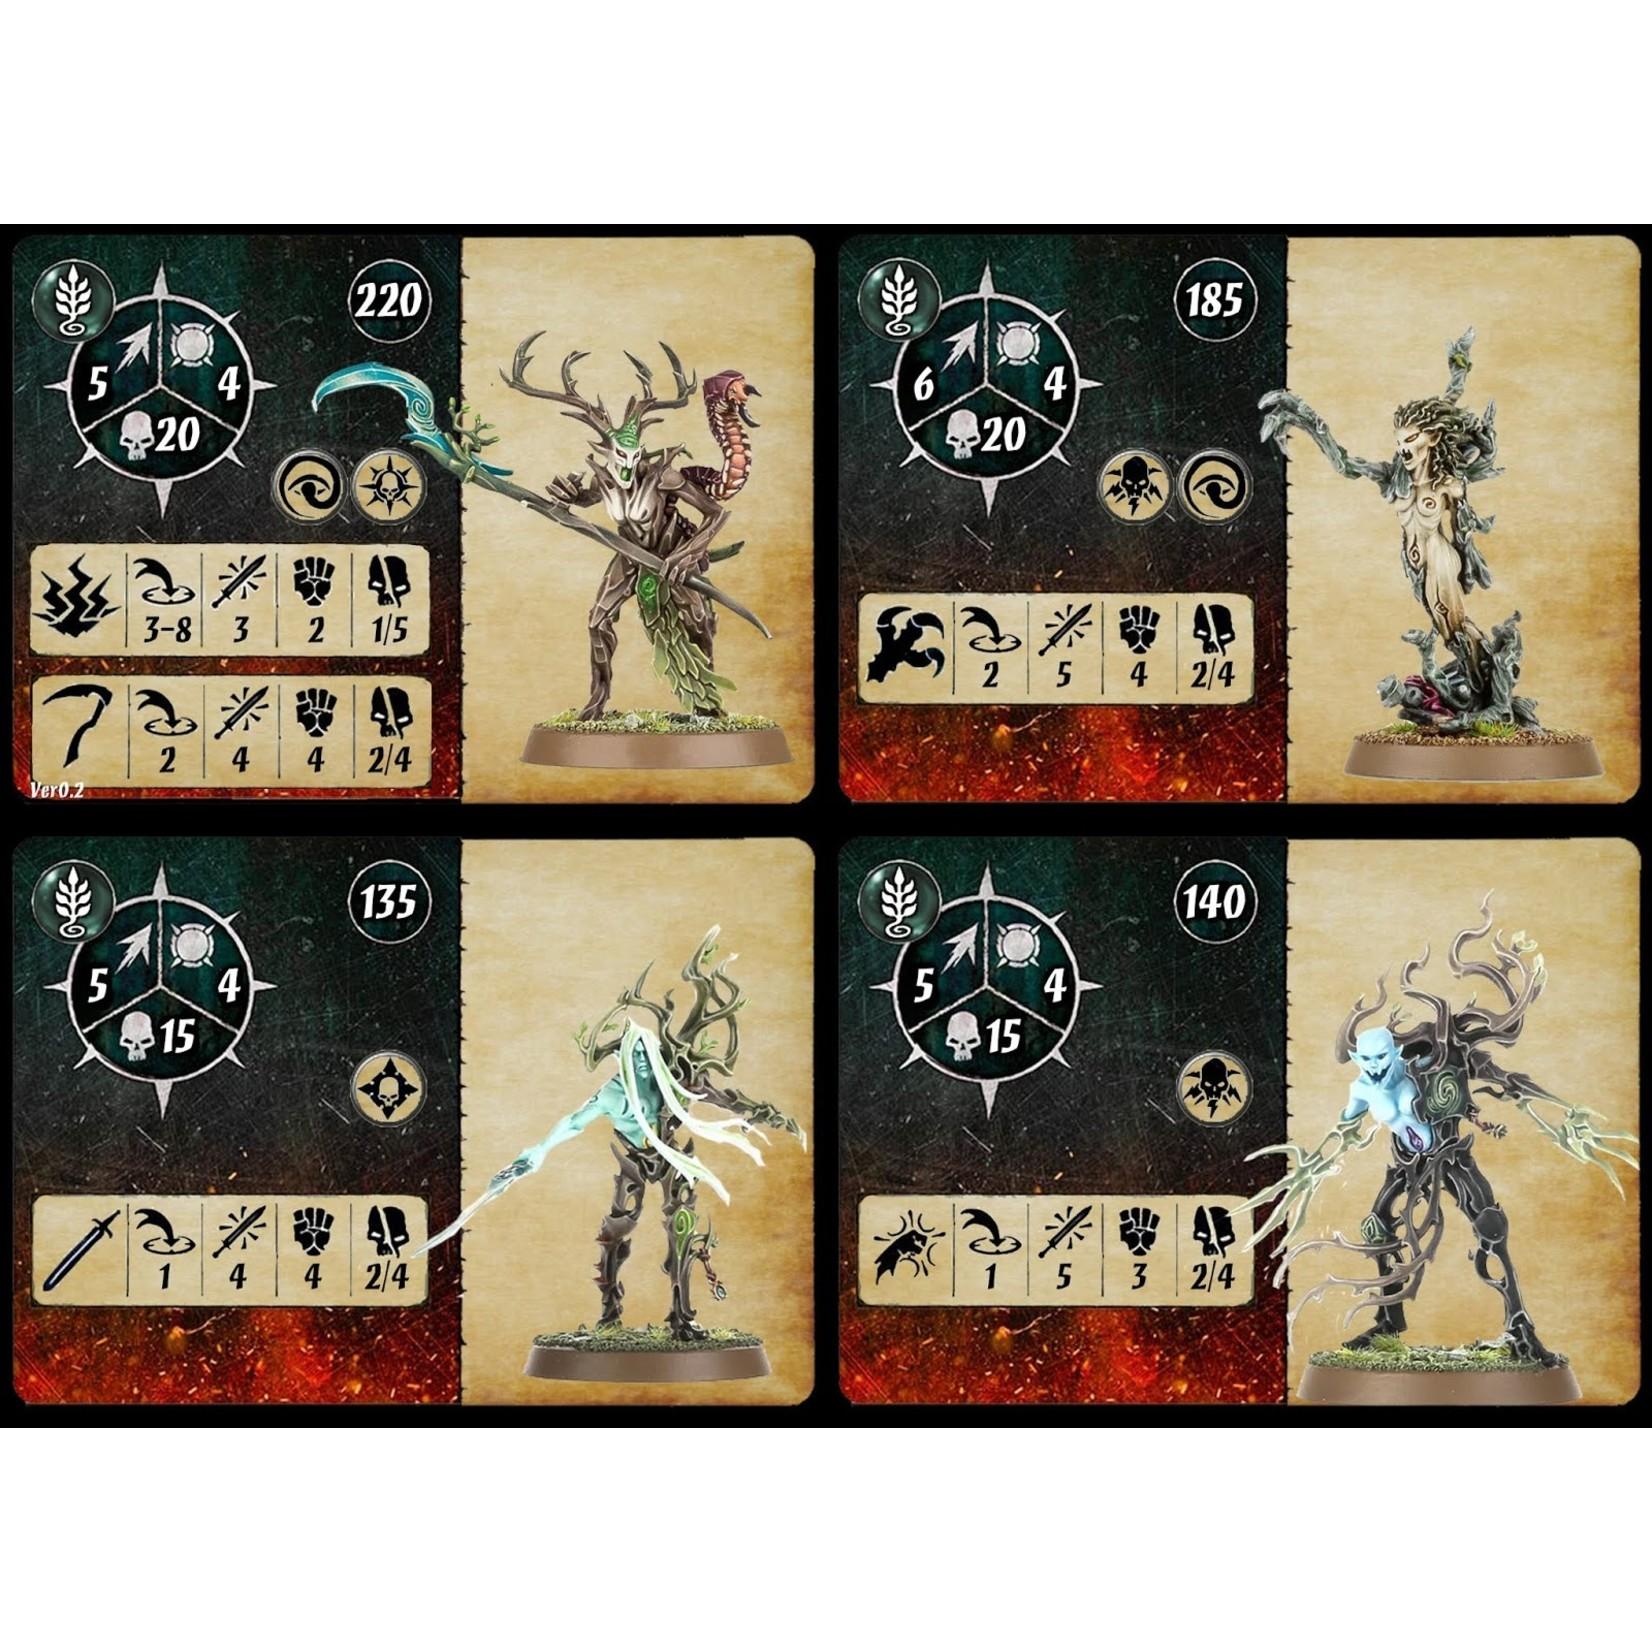 Games Workshop Warcry: Sylvaneth Cards